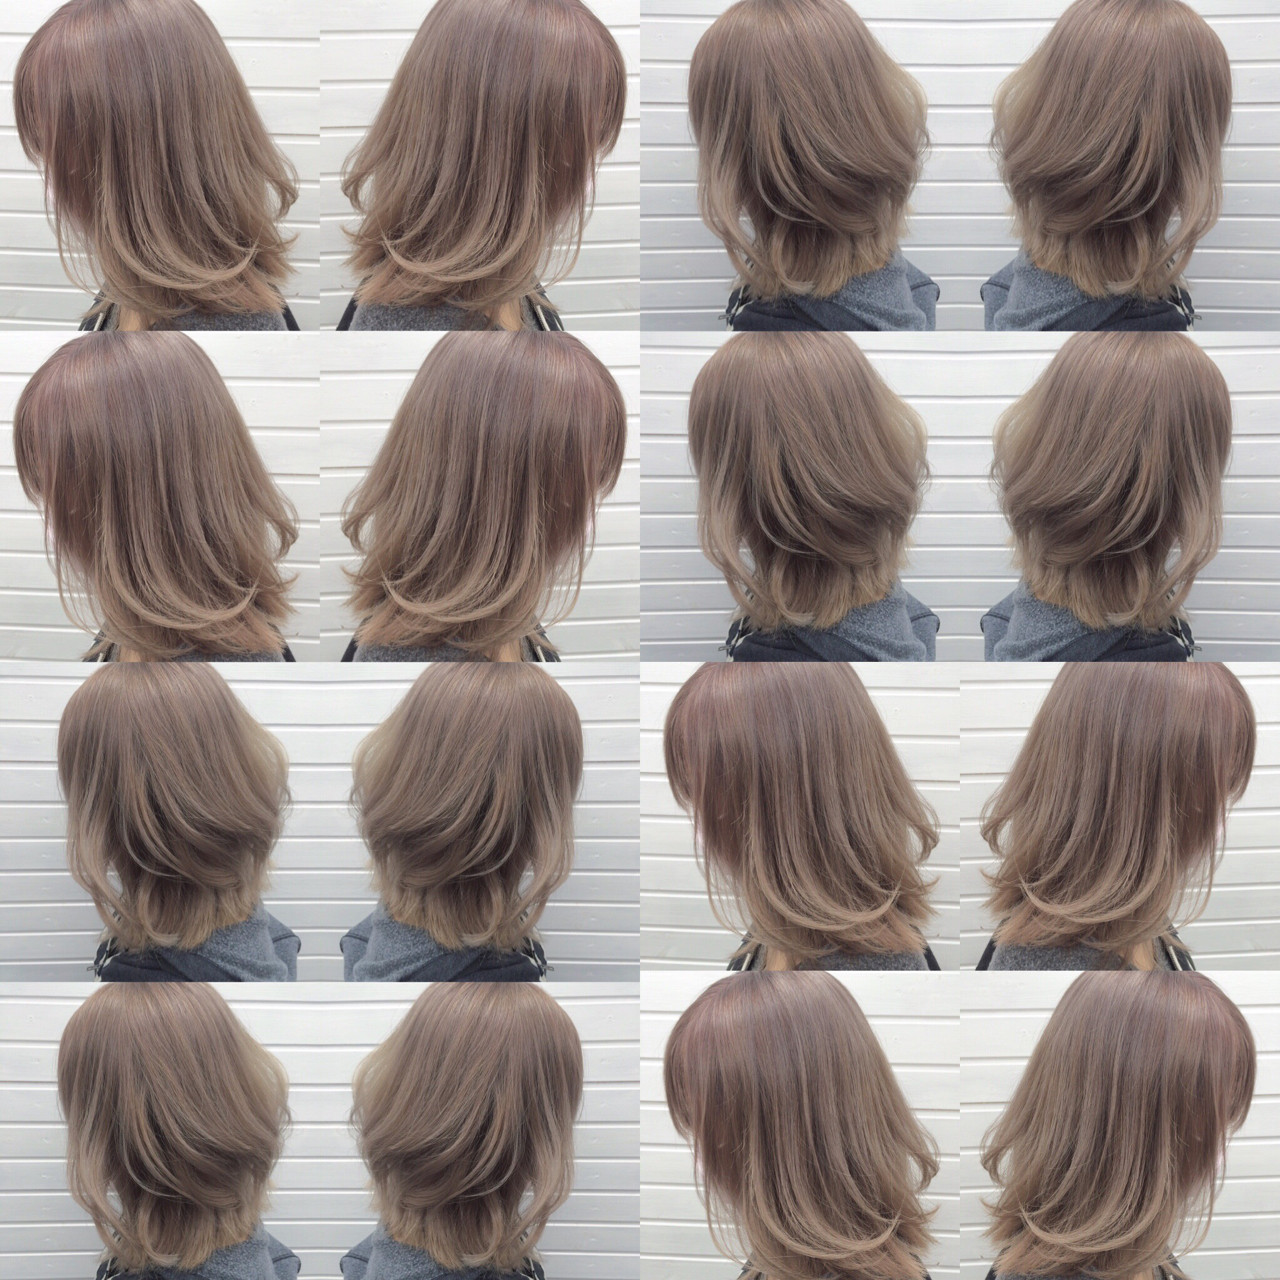 ミディアム ブリーチ パープル ラベンダーアッシュ ヘアスタイルや髪型の写真・画像   universe / hairspaceuniverse